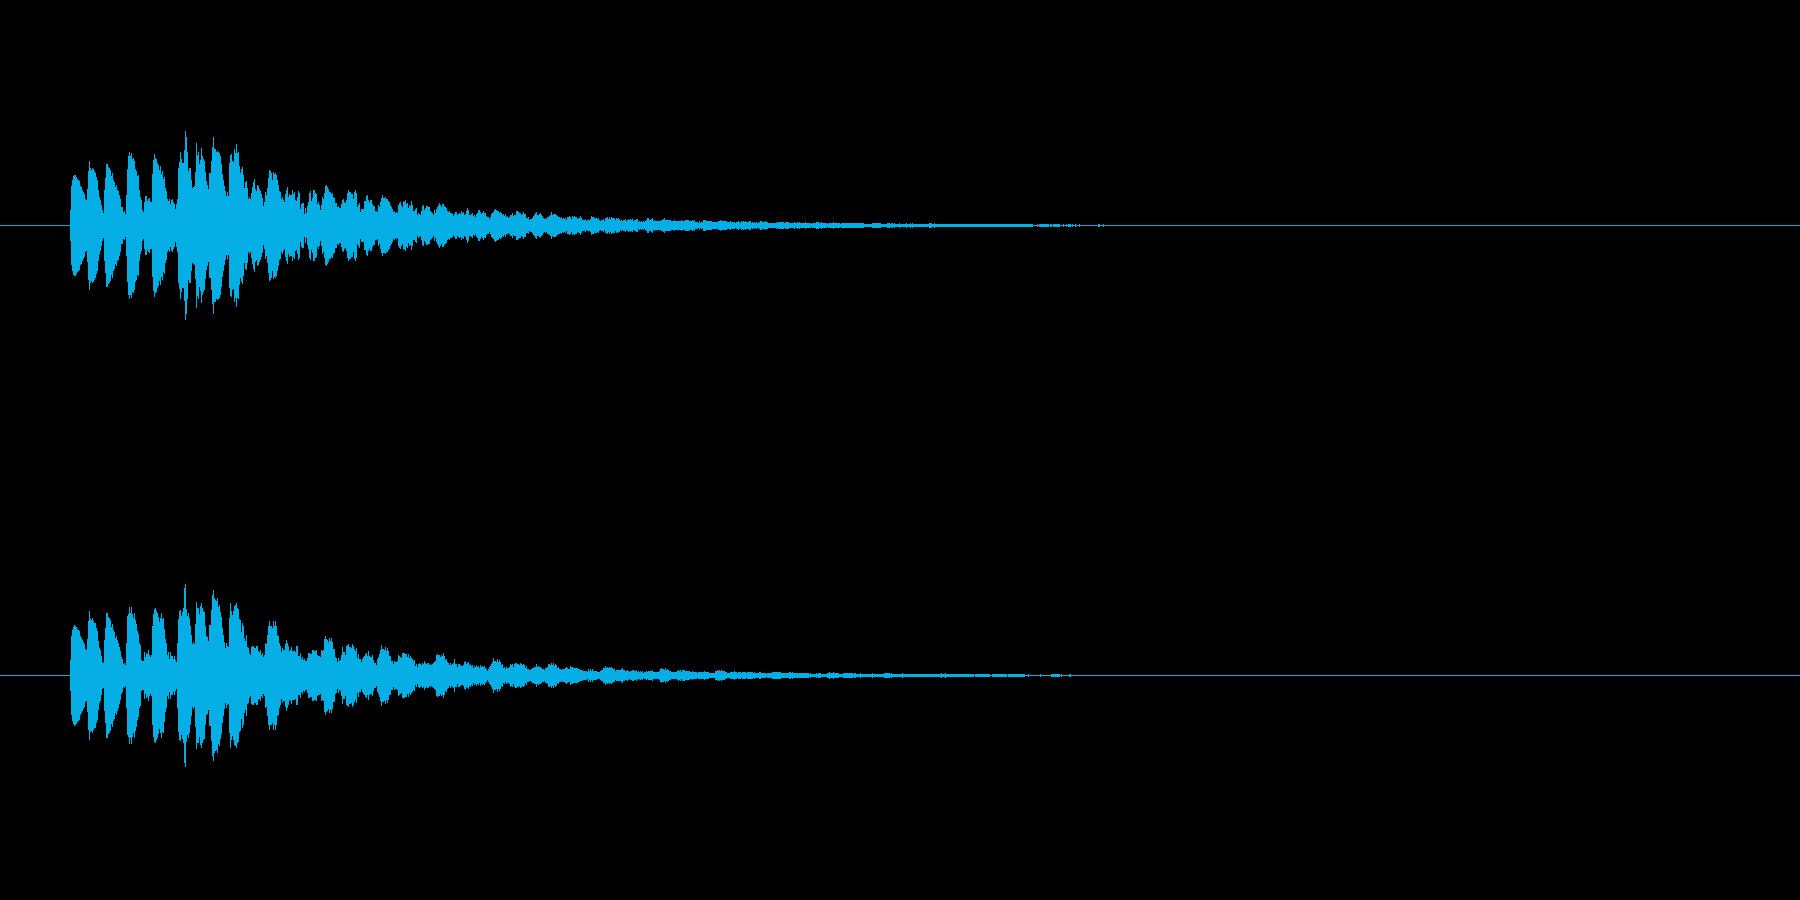 【ショートブリッジ17-5】の再生済みの波形